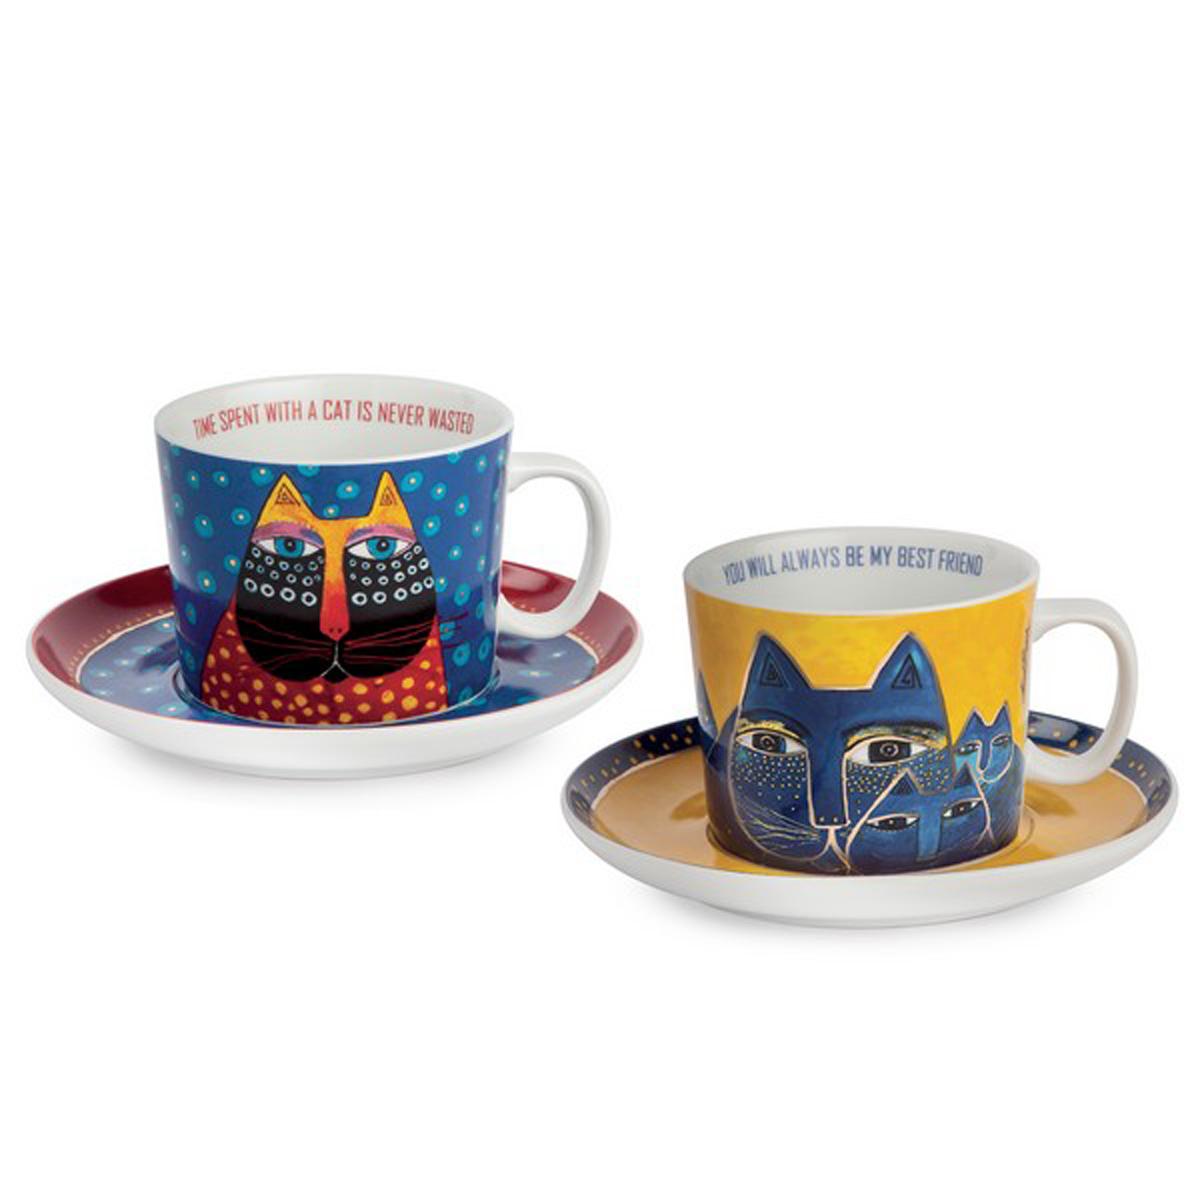 Coffret duo déjeuner porcelaine \'Laurel Burch\' bleu jaune (chats) - tasse 9x7 cm (340 ml) - [A2688]